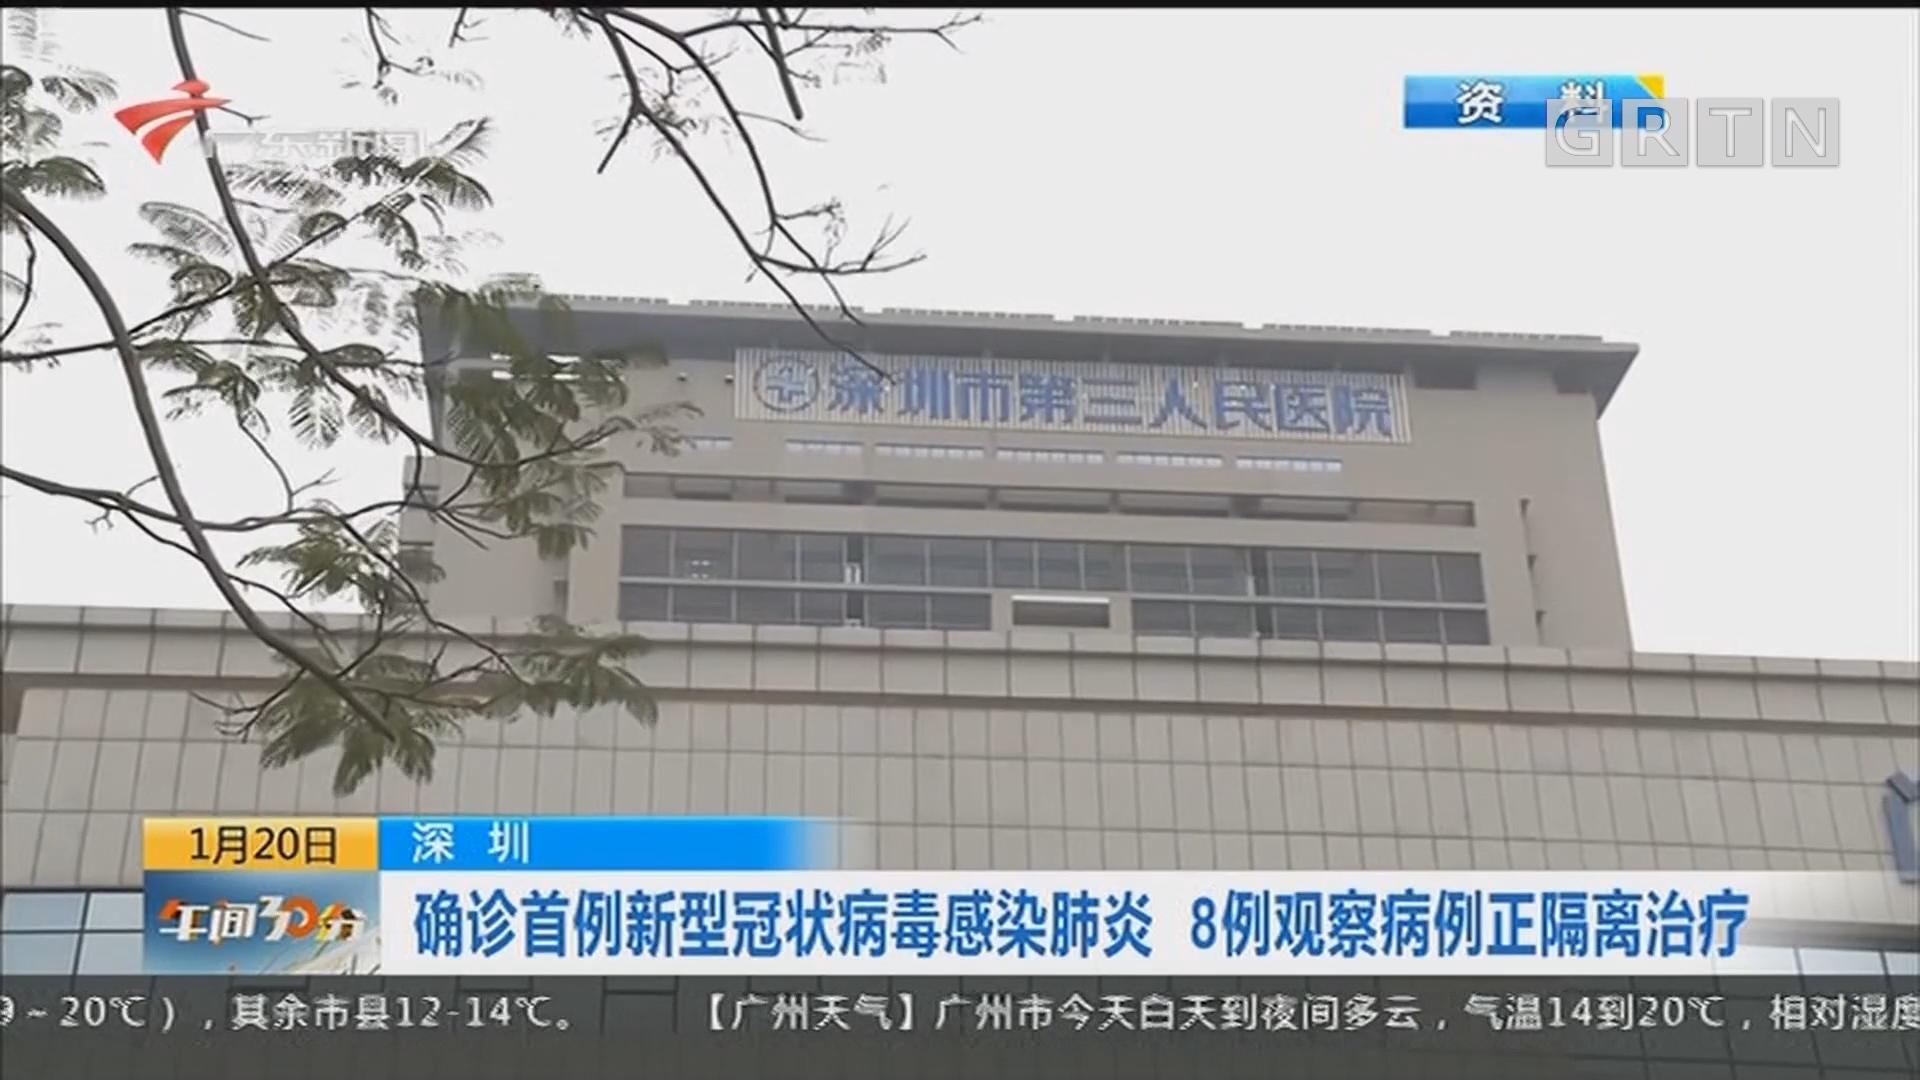 深圳:确诊首例新型冠状病毒感染肺炎 8例观察病例正隔离治疗